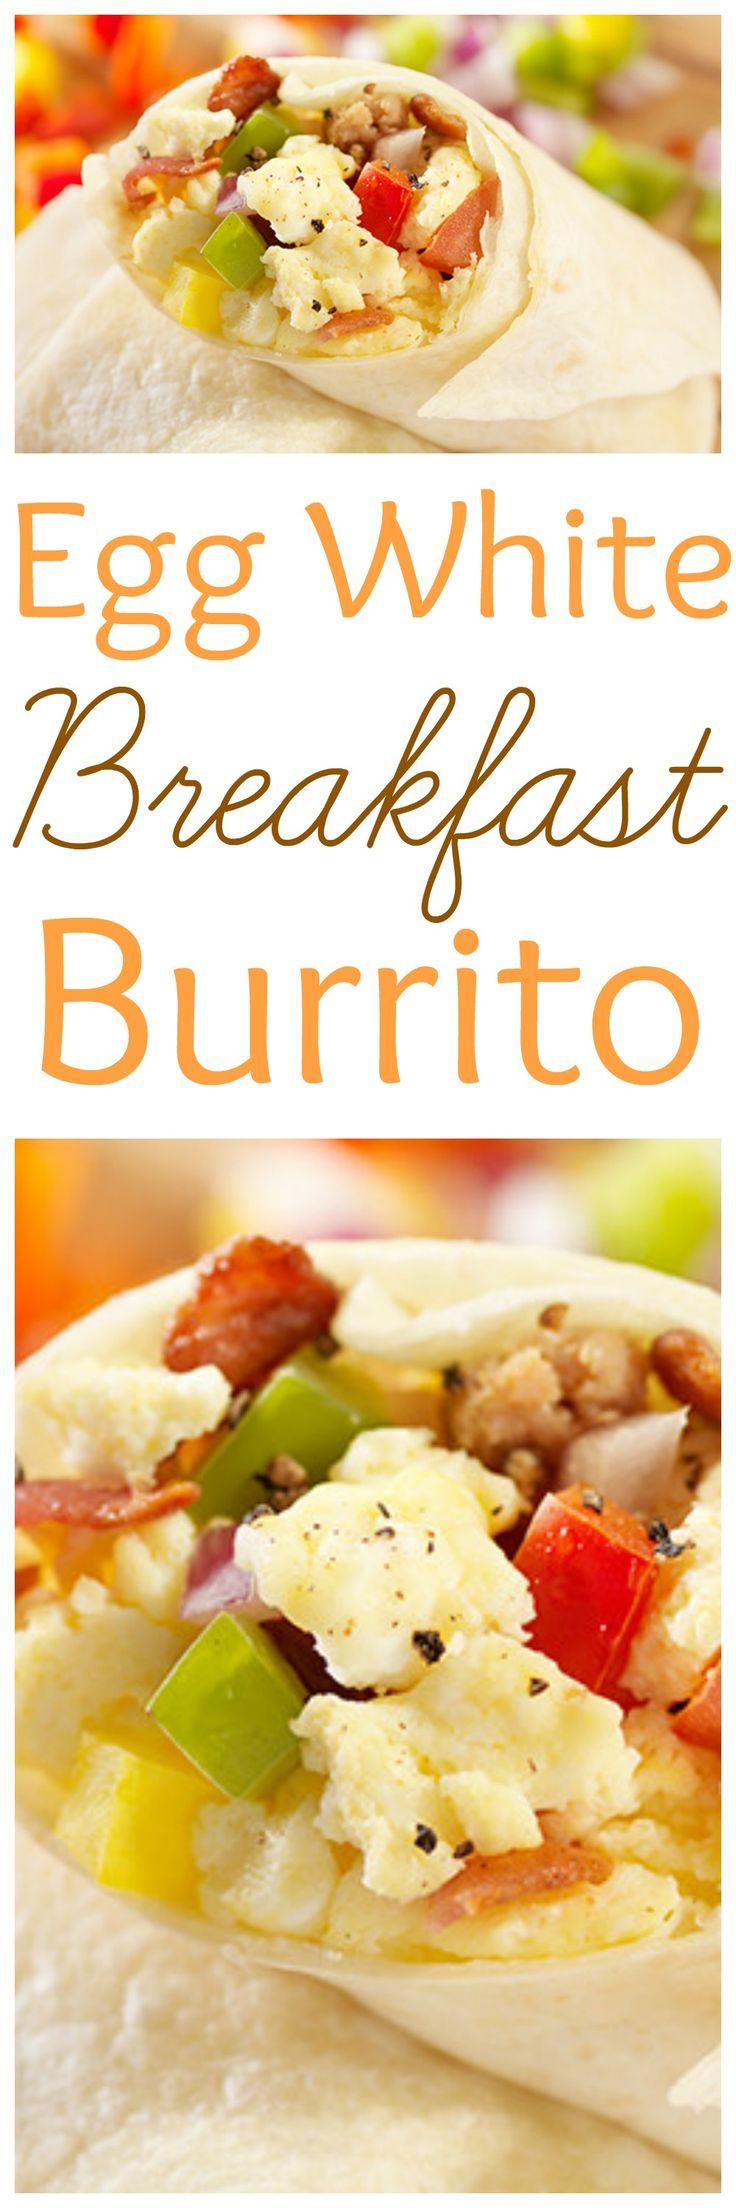 21 Day Fix Egg White Breakfast Burrito #21dayfix #21dayfixbreakfast #21dayfixbreakfastburrito #breakfastburrito #cleaneating #cleaneatingbreakfast #cleaneatingbreakfastburrito